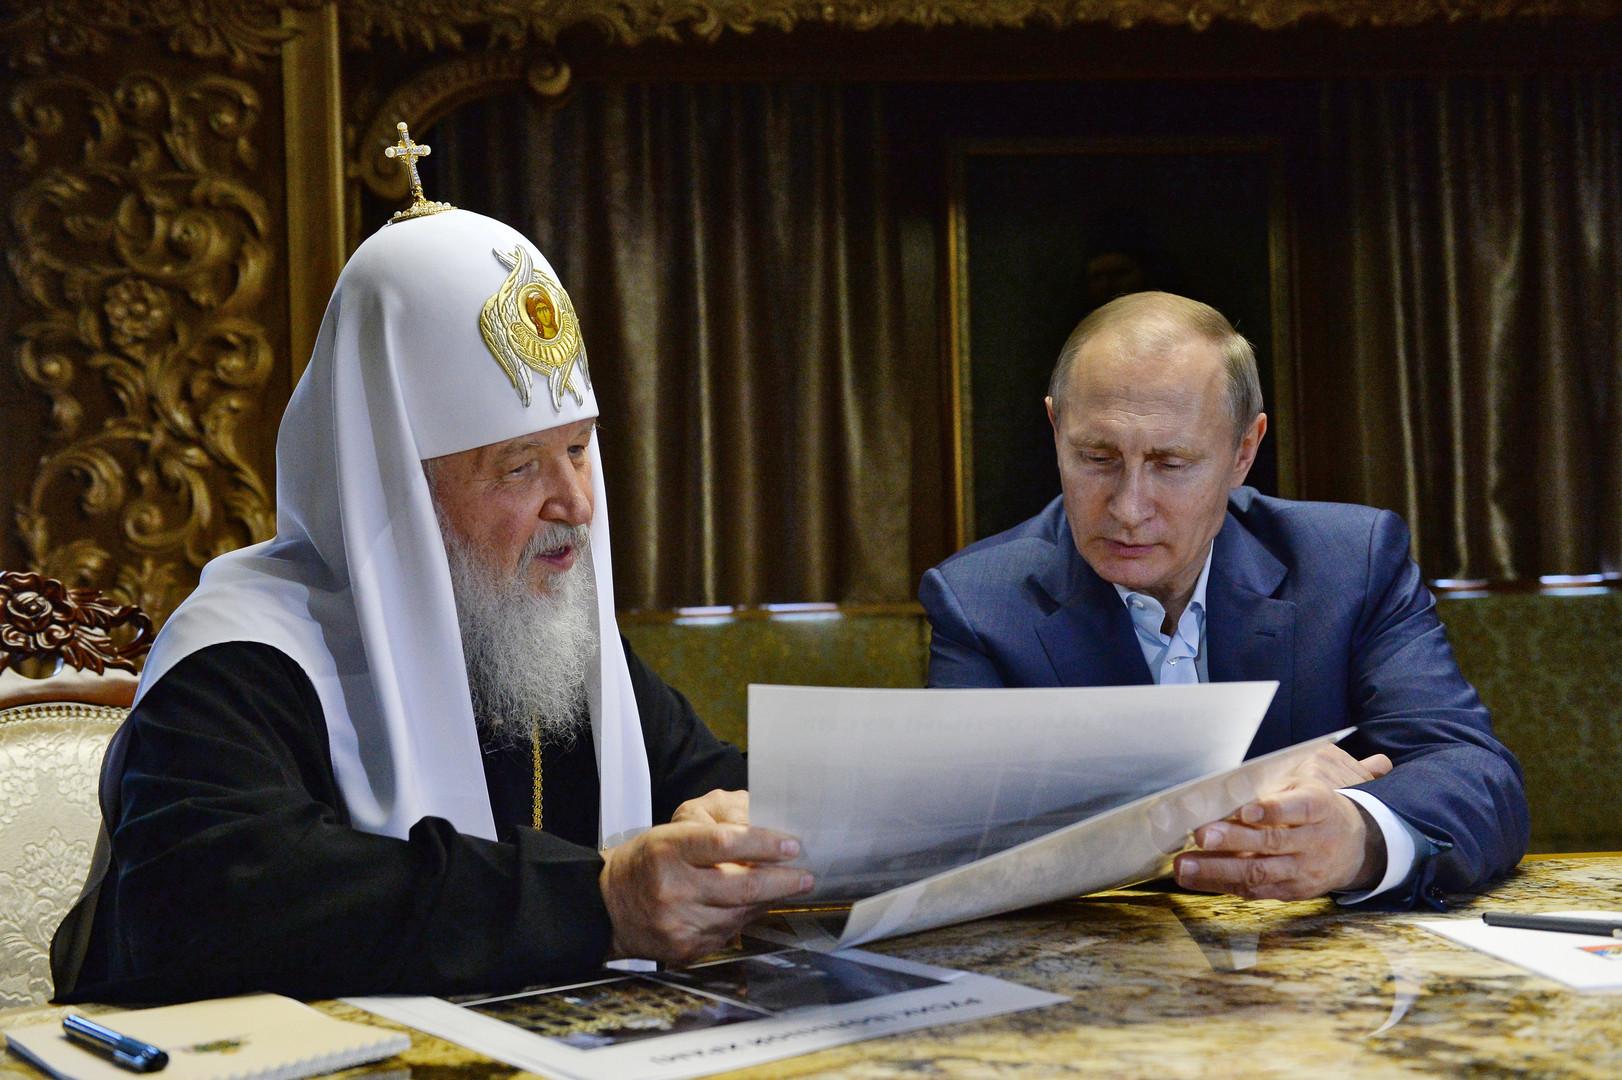 Patriarch von Moskau und ganz Russlands Kirill und russischer Präsident Wladimir Putin während des Gespräches in der Bibliothek des St. Panteleimon Klosters auf dem Heiligen Berg Athos am 28.05.2016